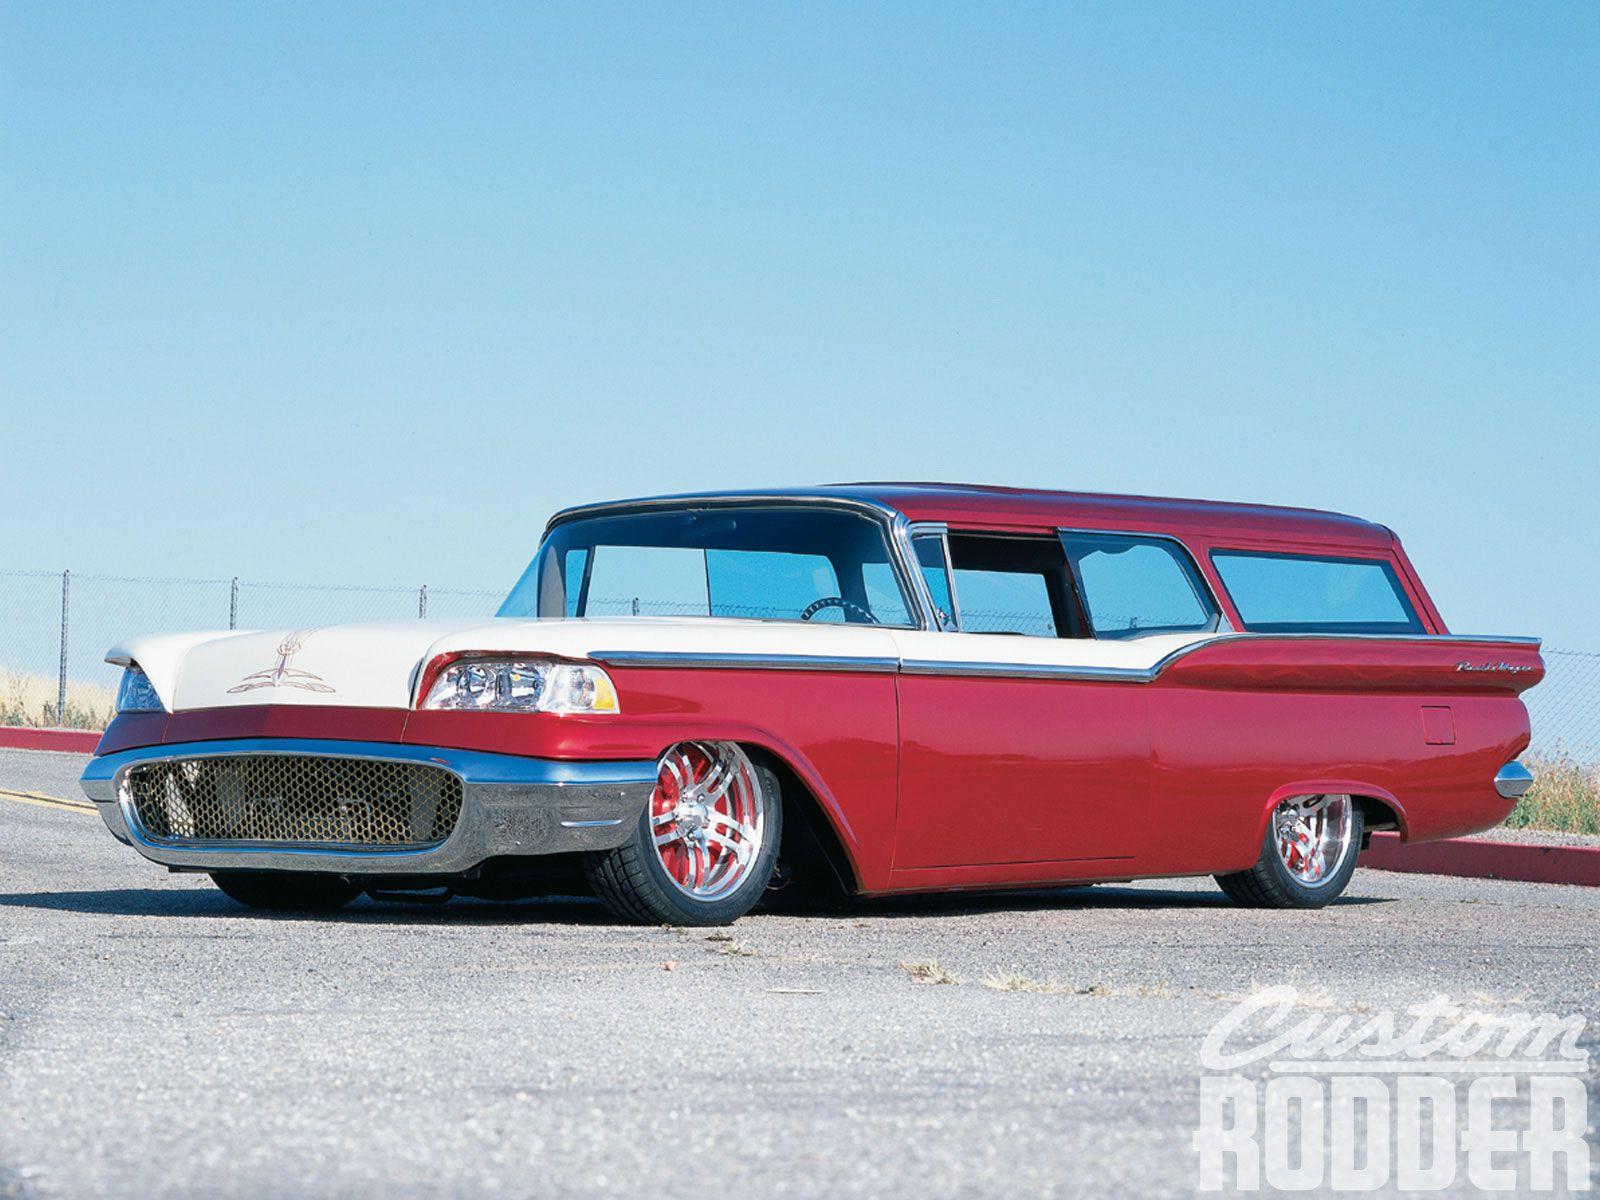 1950 ford custom station wagon 1959 Ford Ranch Wagon